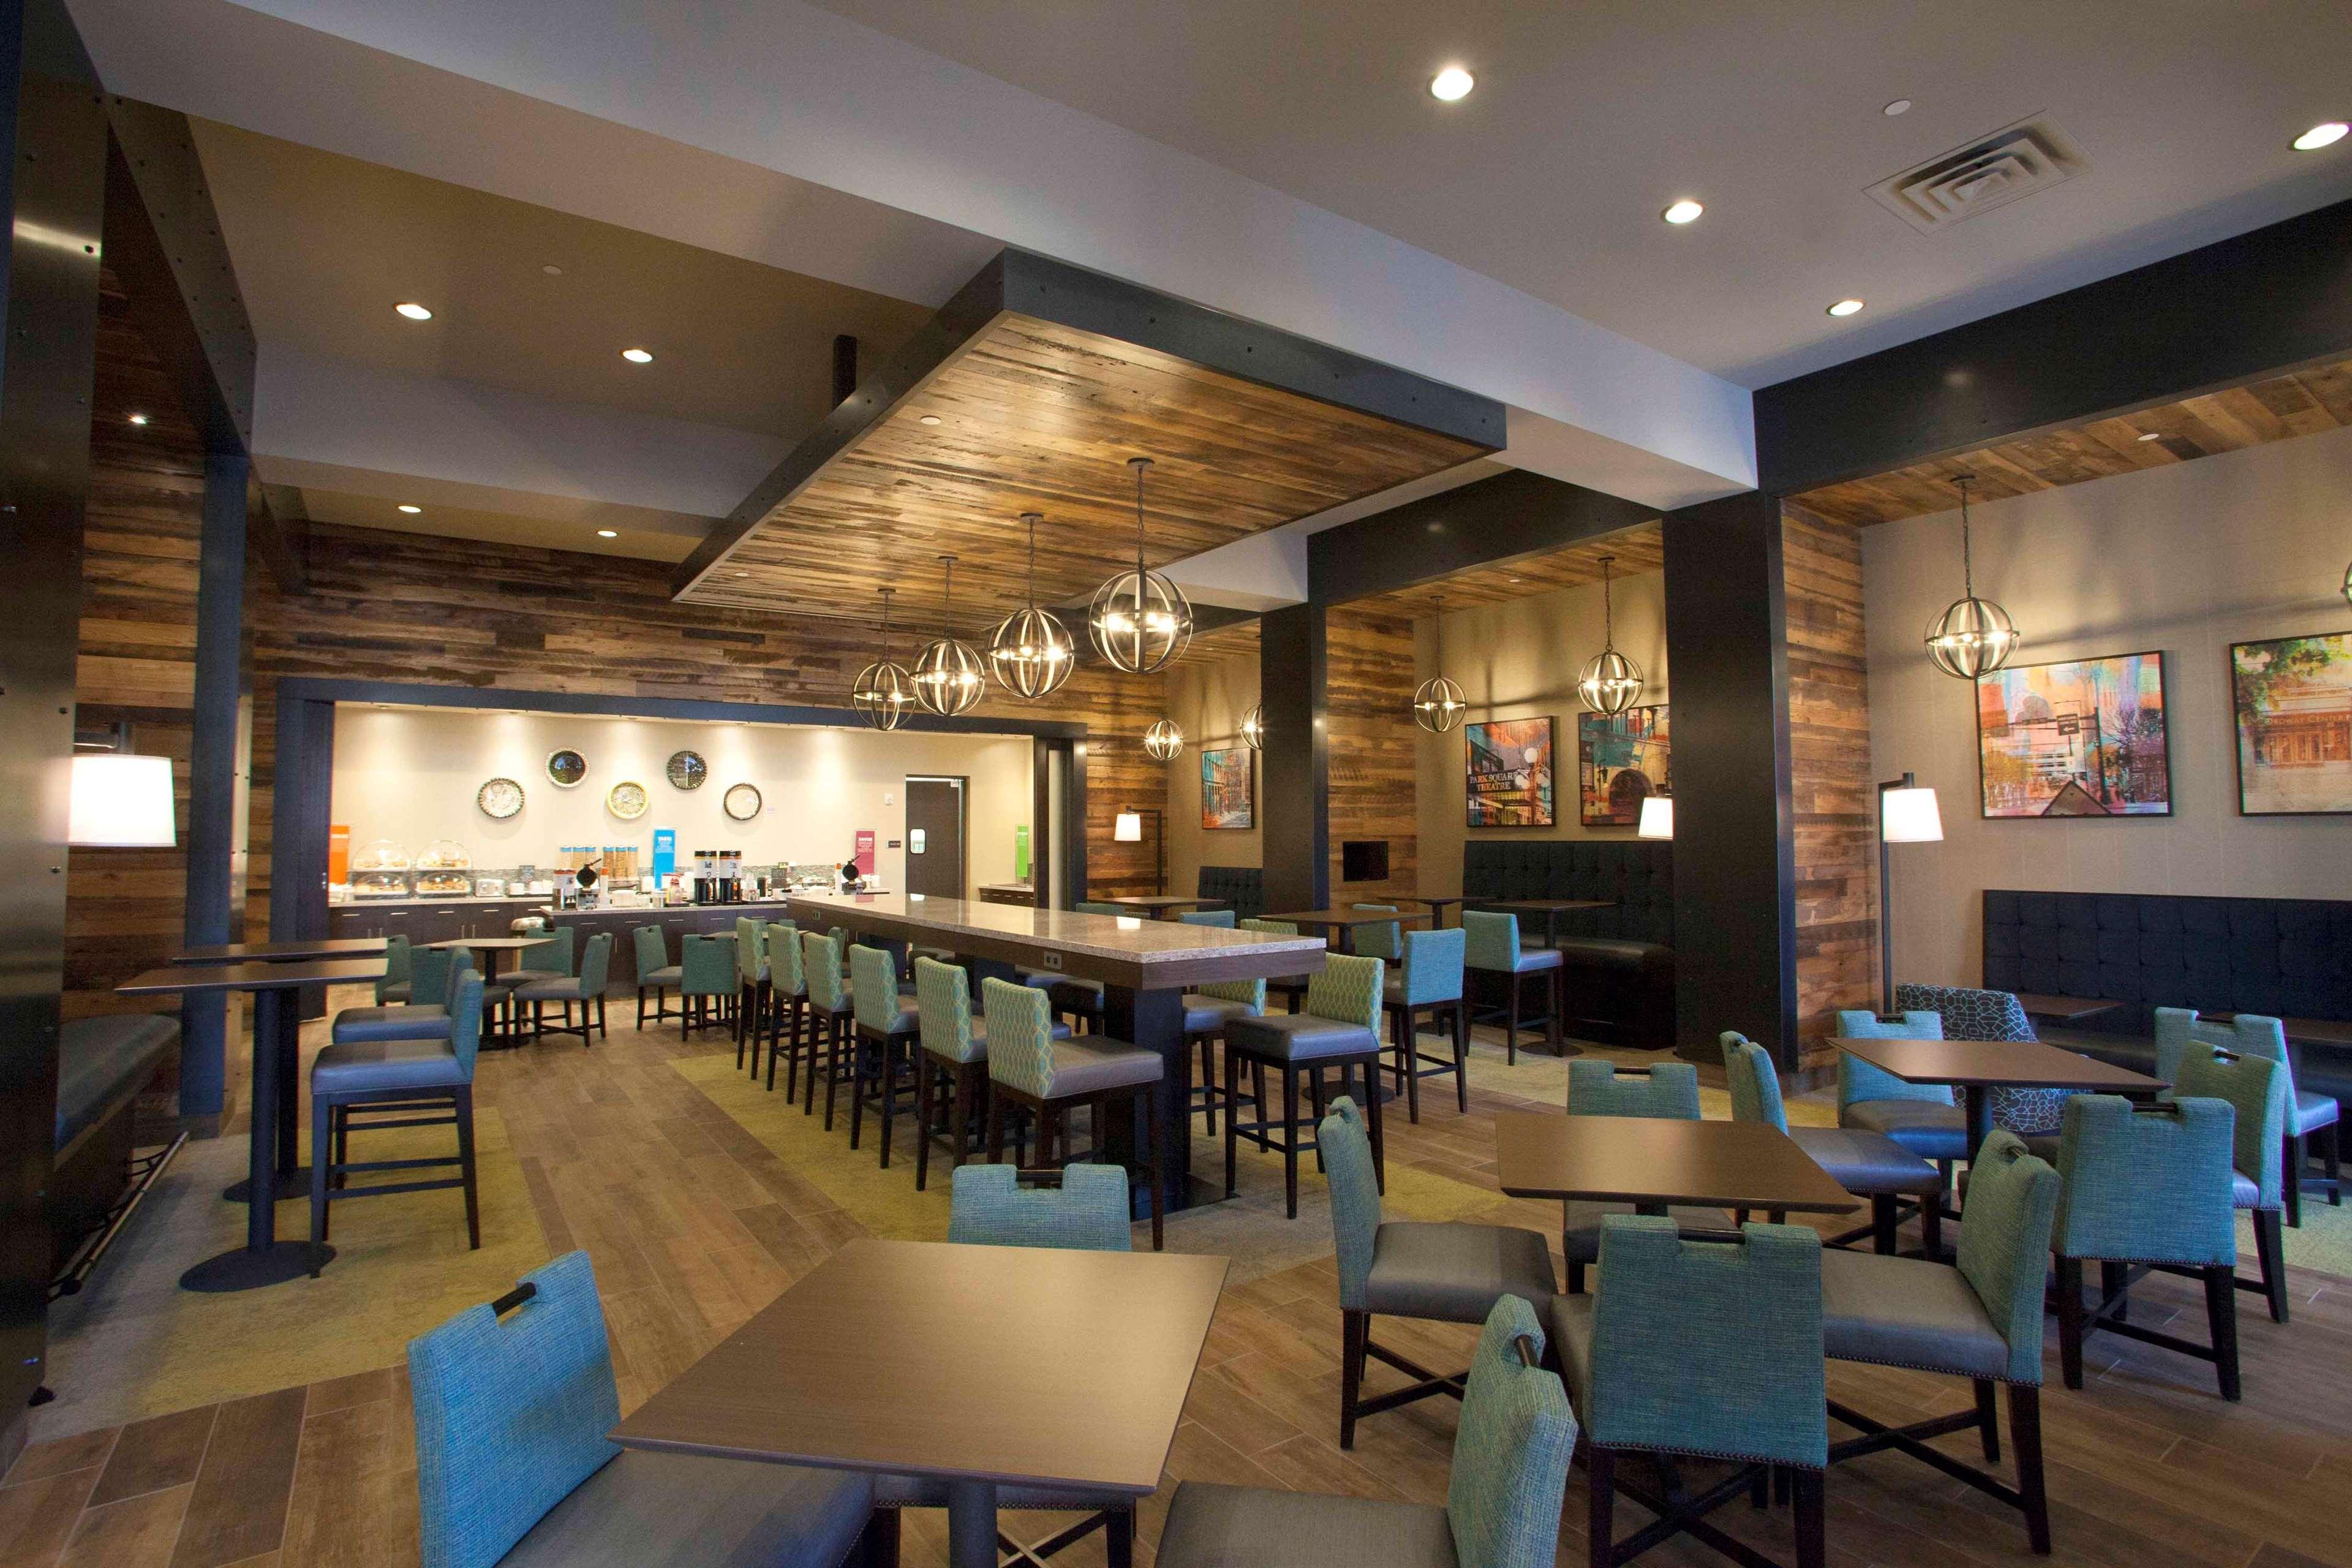 Hampton Inn & Suites Downtown St. Paul image 3